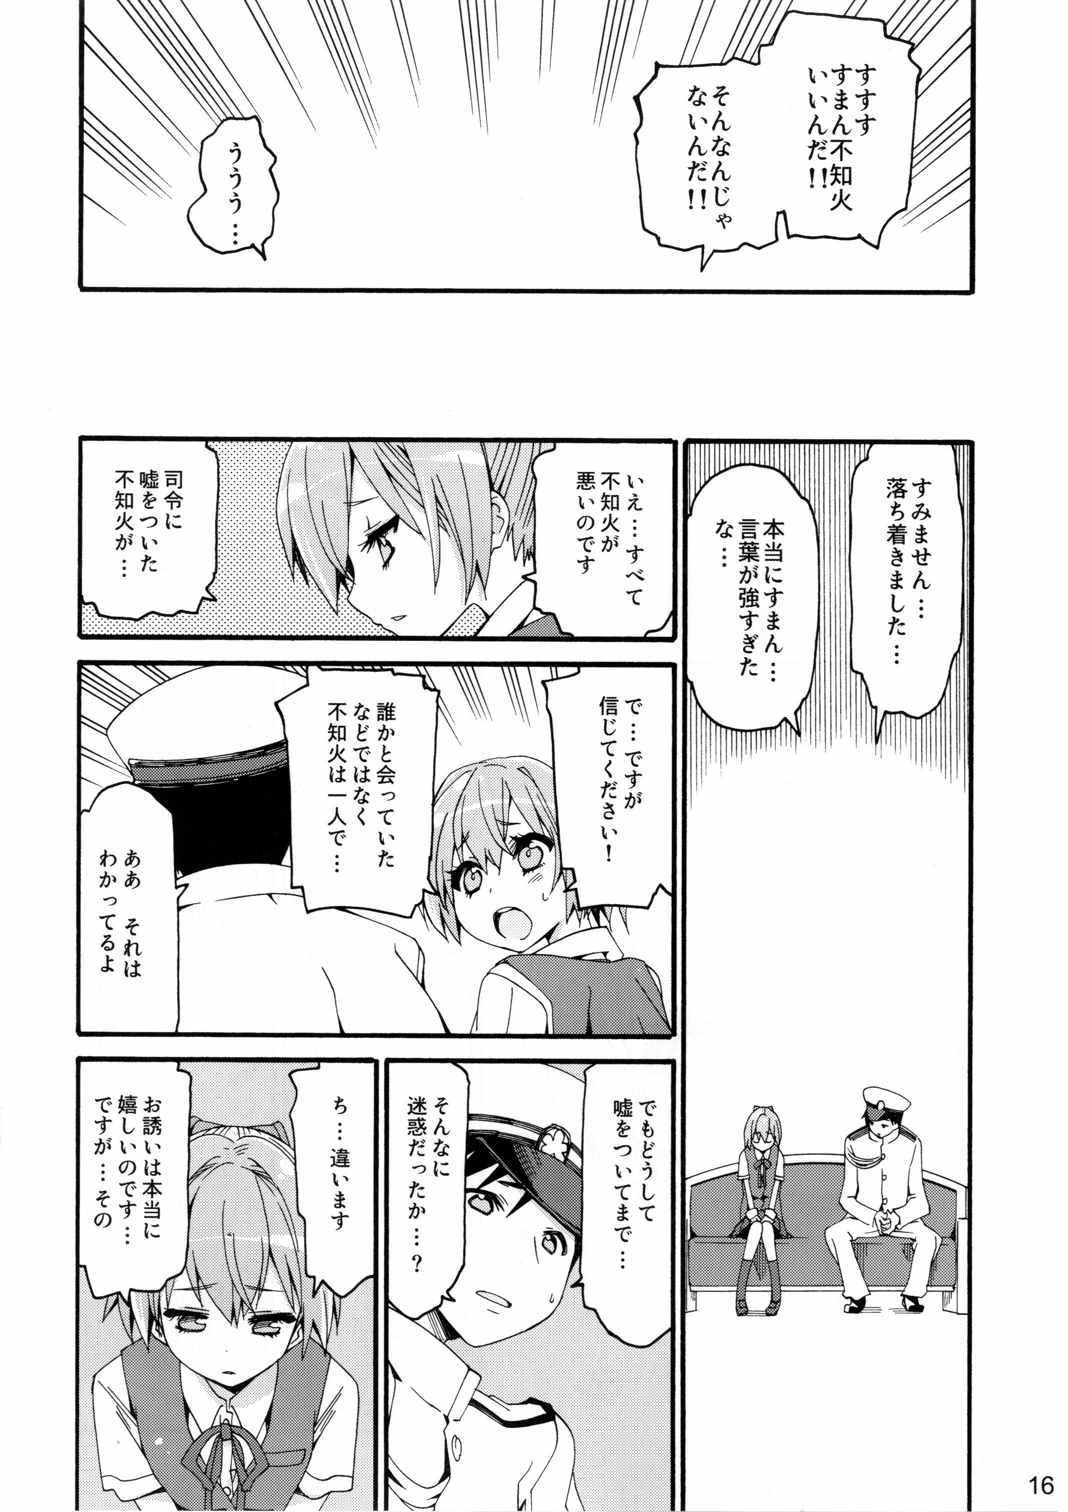 Shiranui wa Teitoku ni... 14